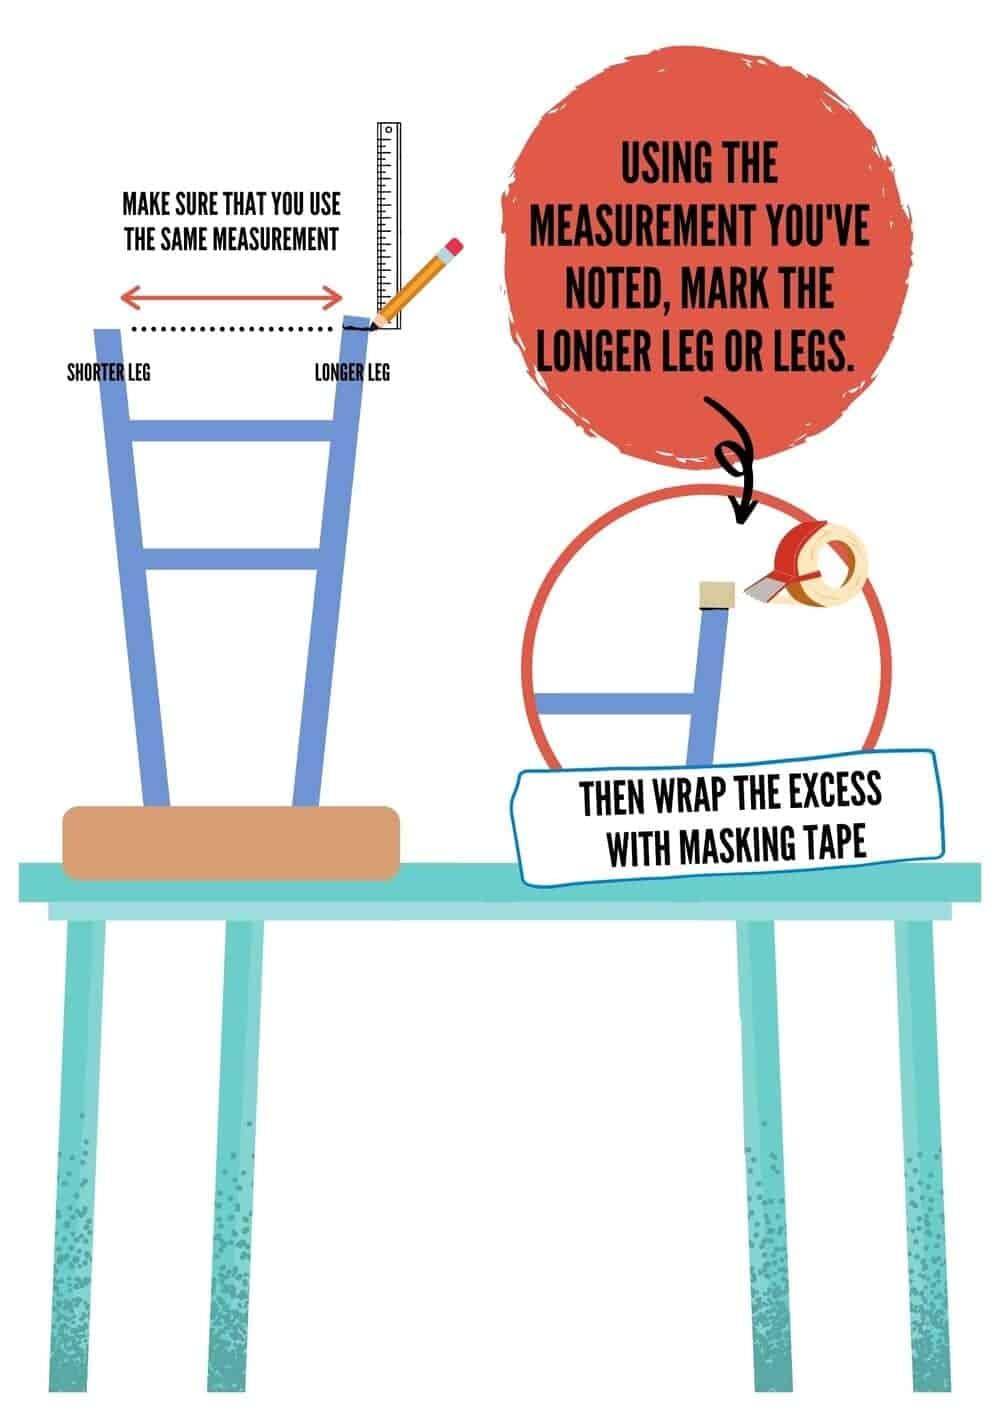 mark the excess length of the longer leg